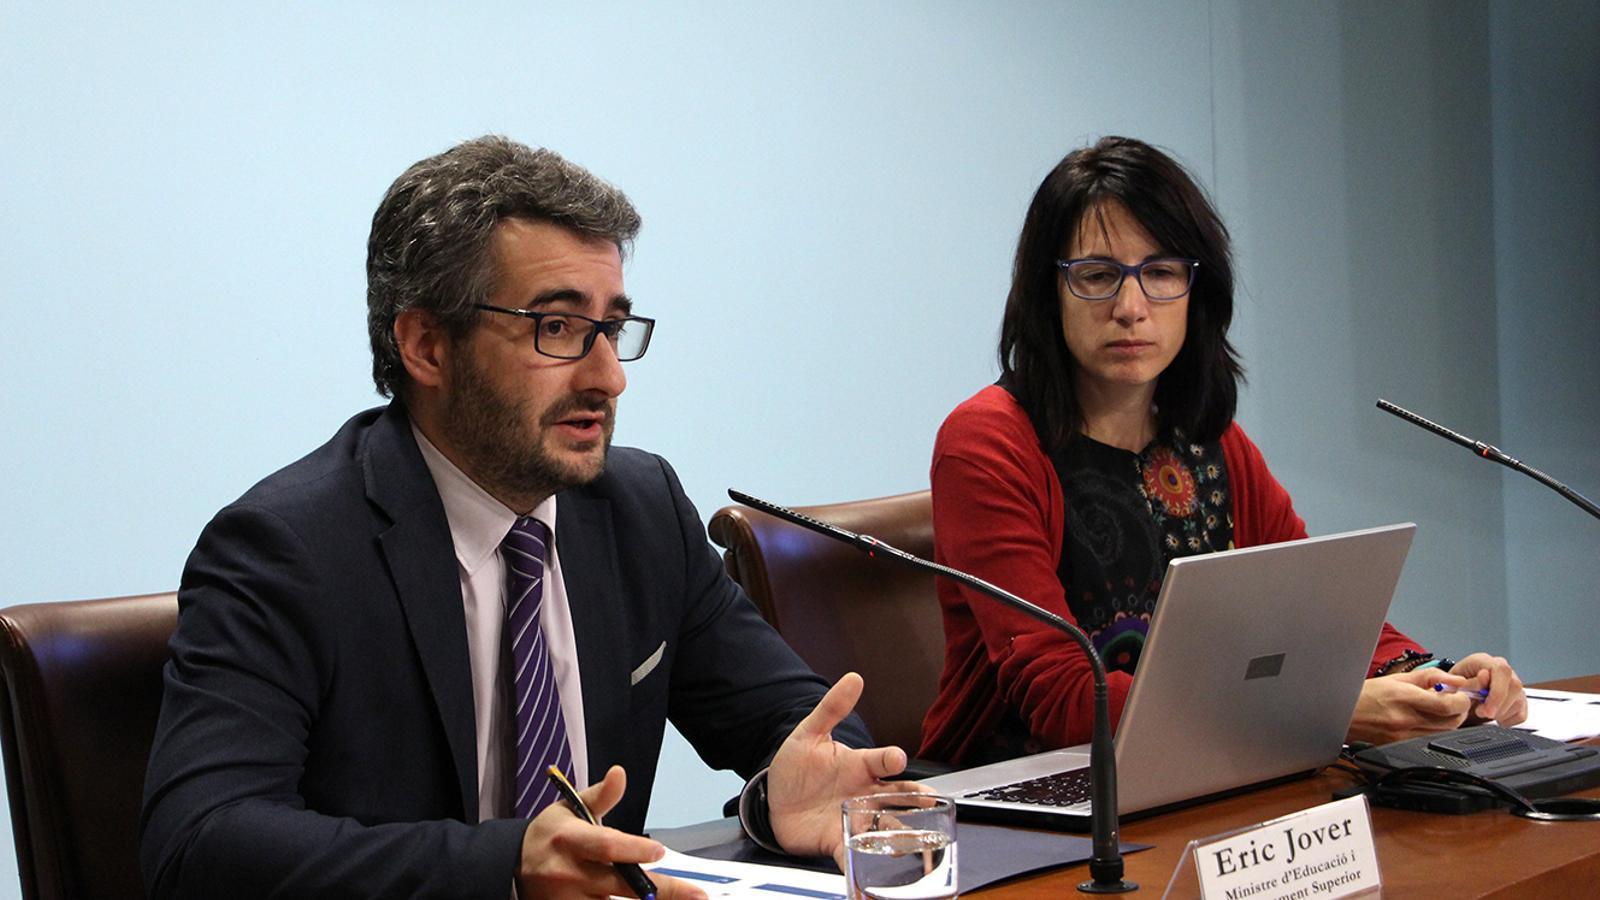 El ministre d'Educació i Ensenyament Superior, Eric Jover, i la directora de l'AQUA, Marta Fonolleda, durant la roda de premsa de presentació de les dades. / M. M. (ANA)